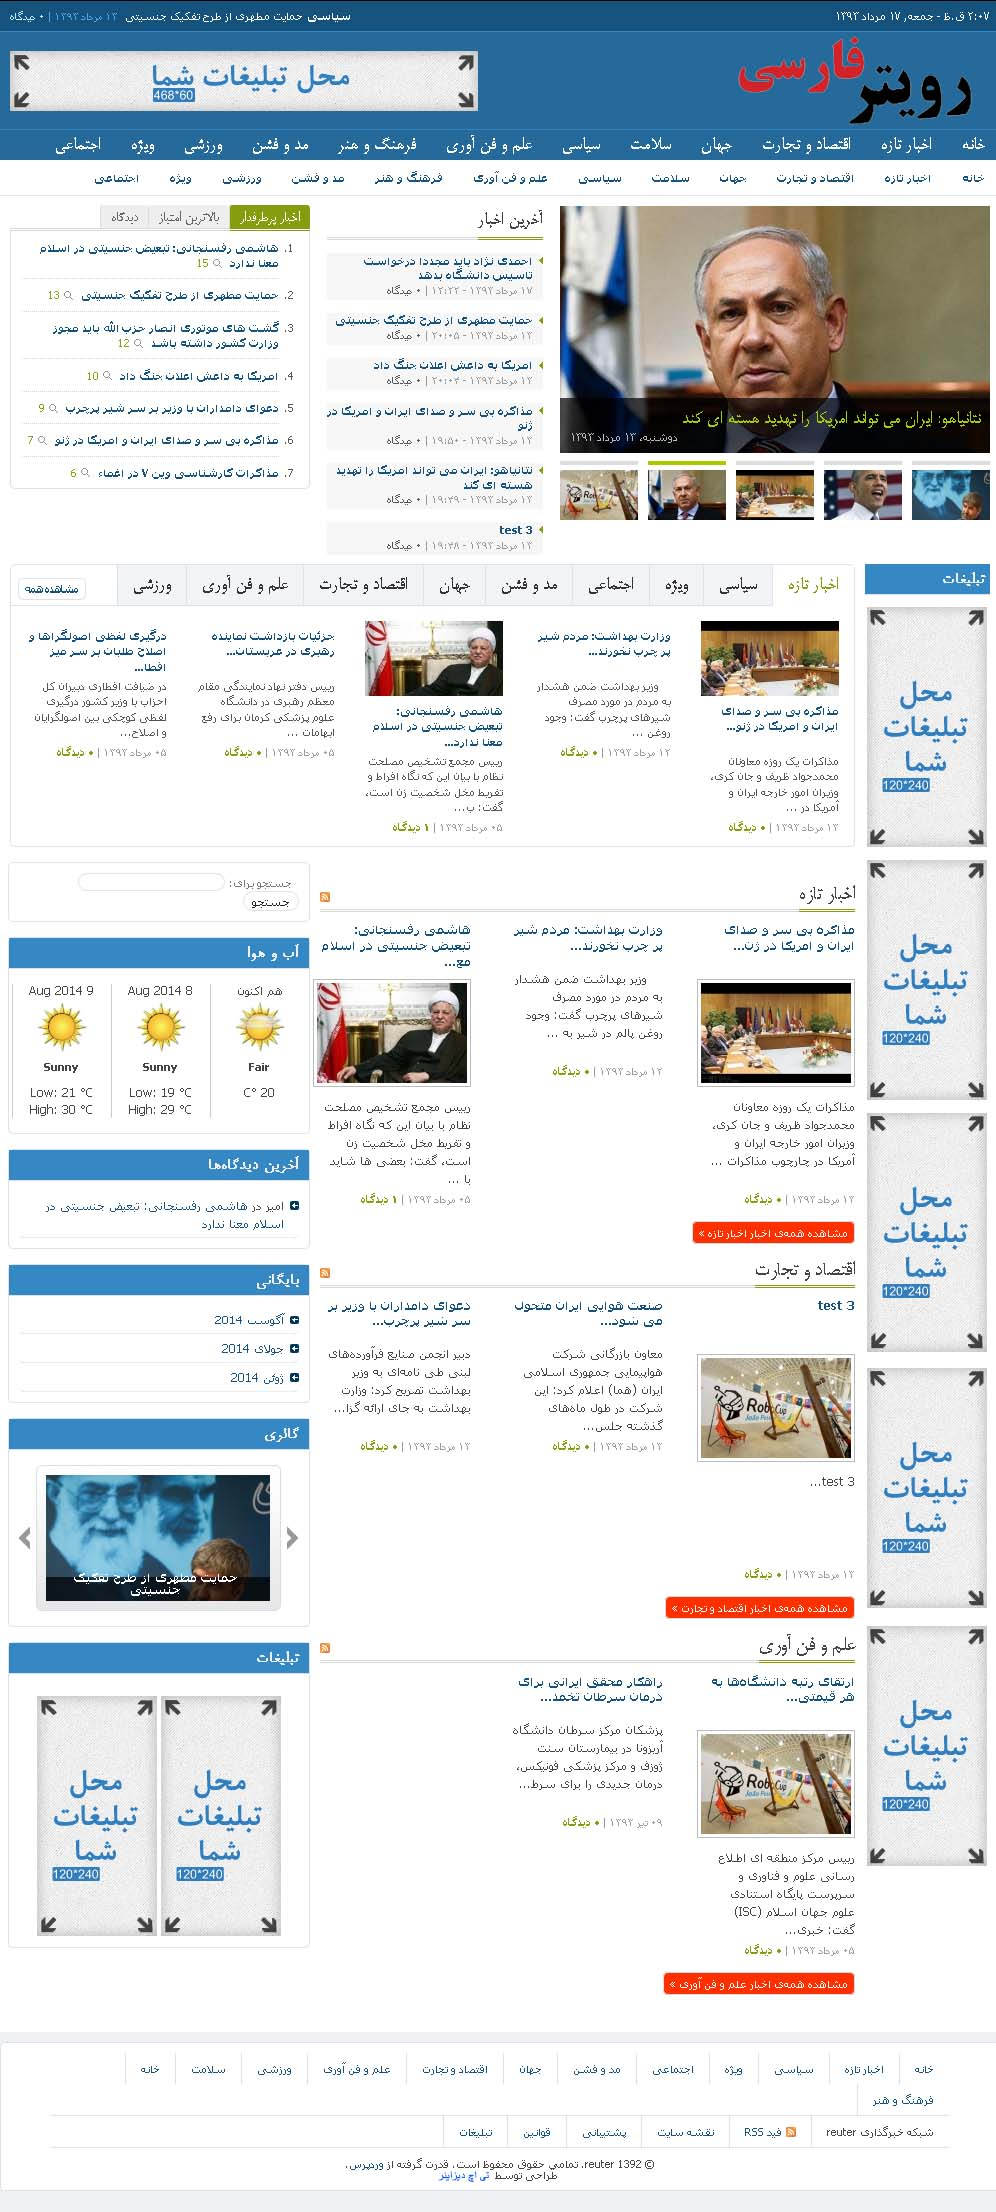 قالب وب سایت خبری رویتر فارسی